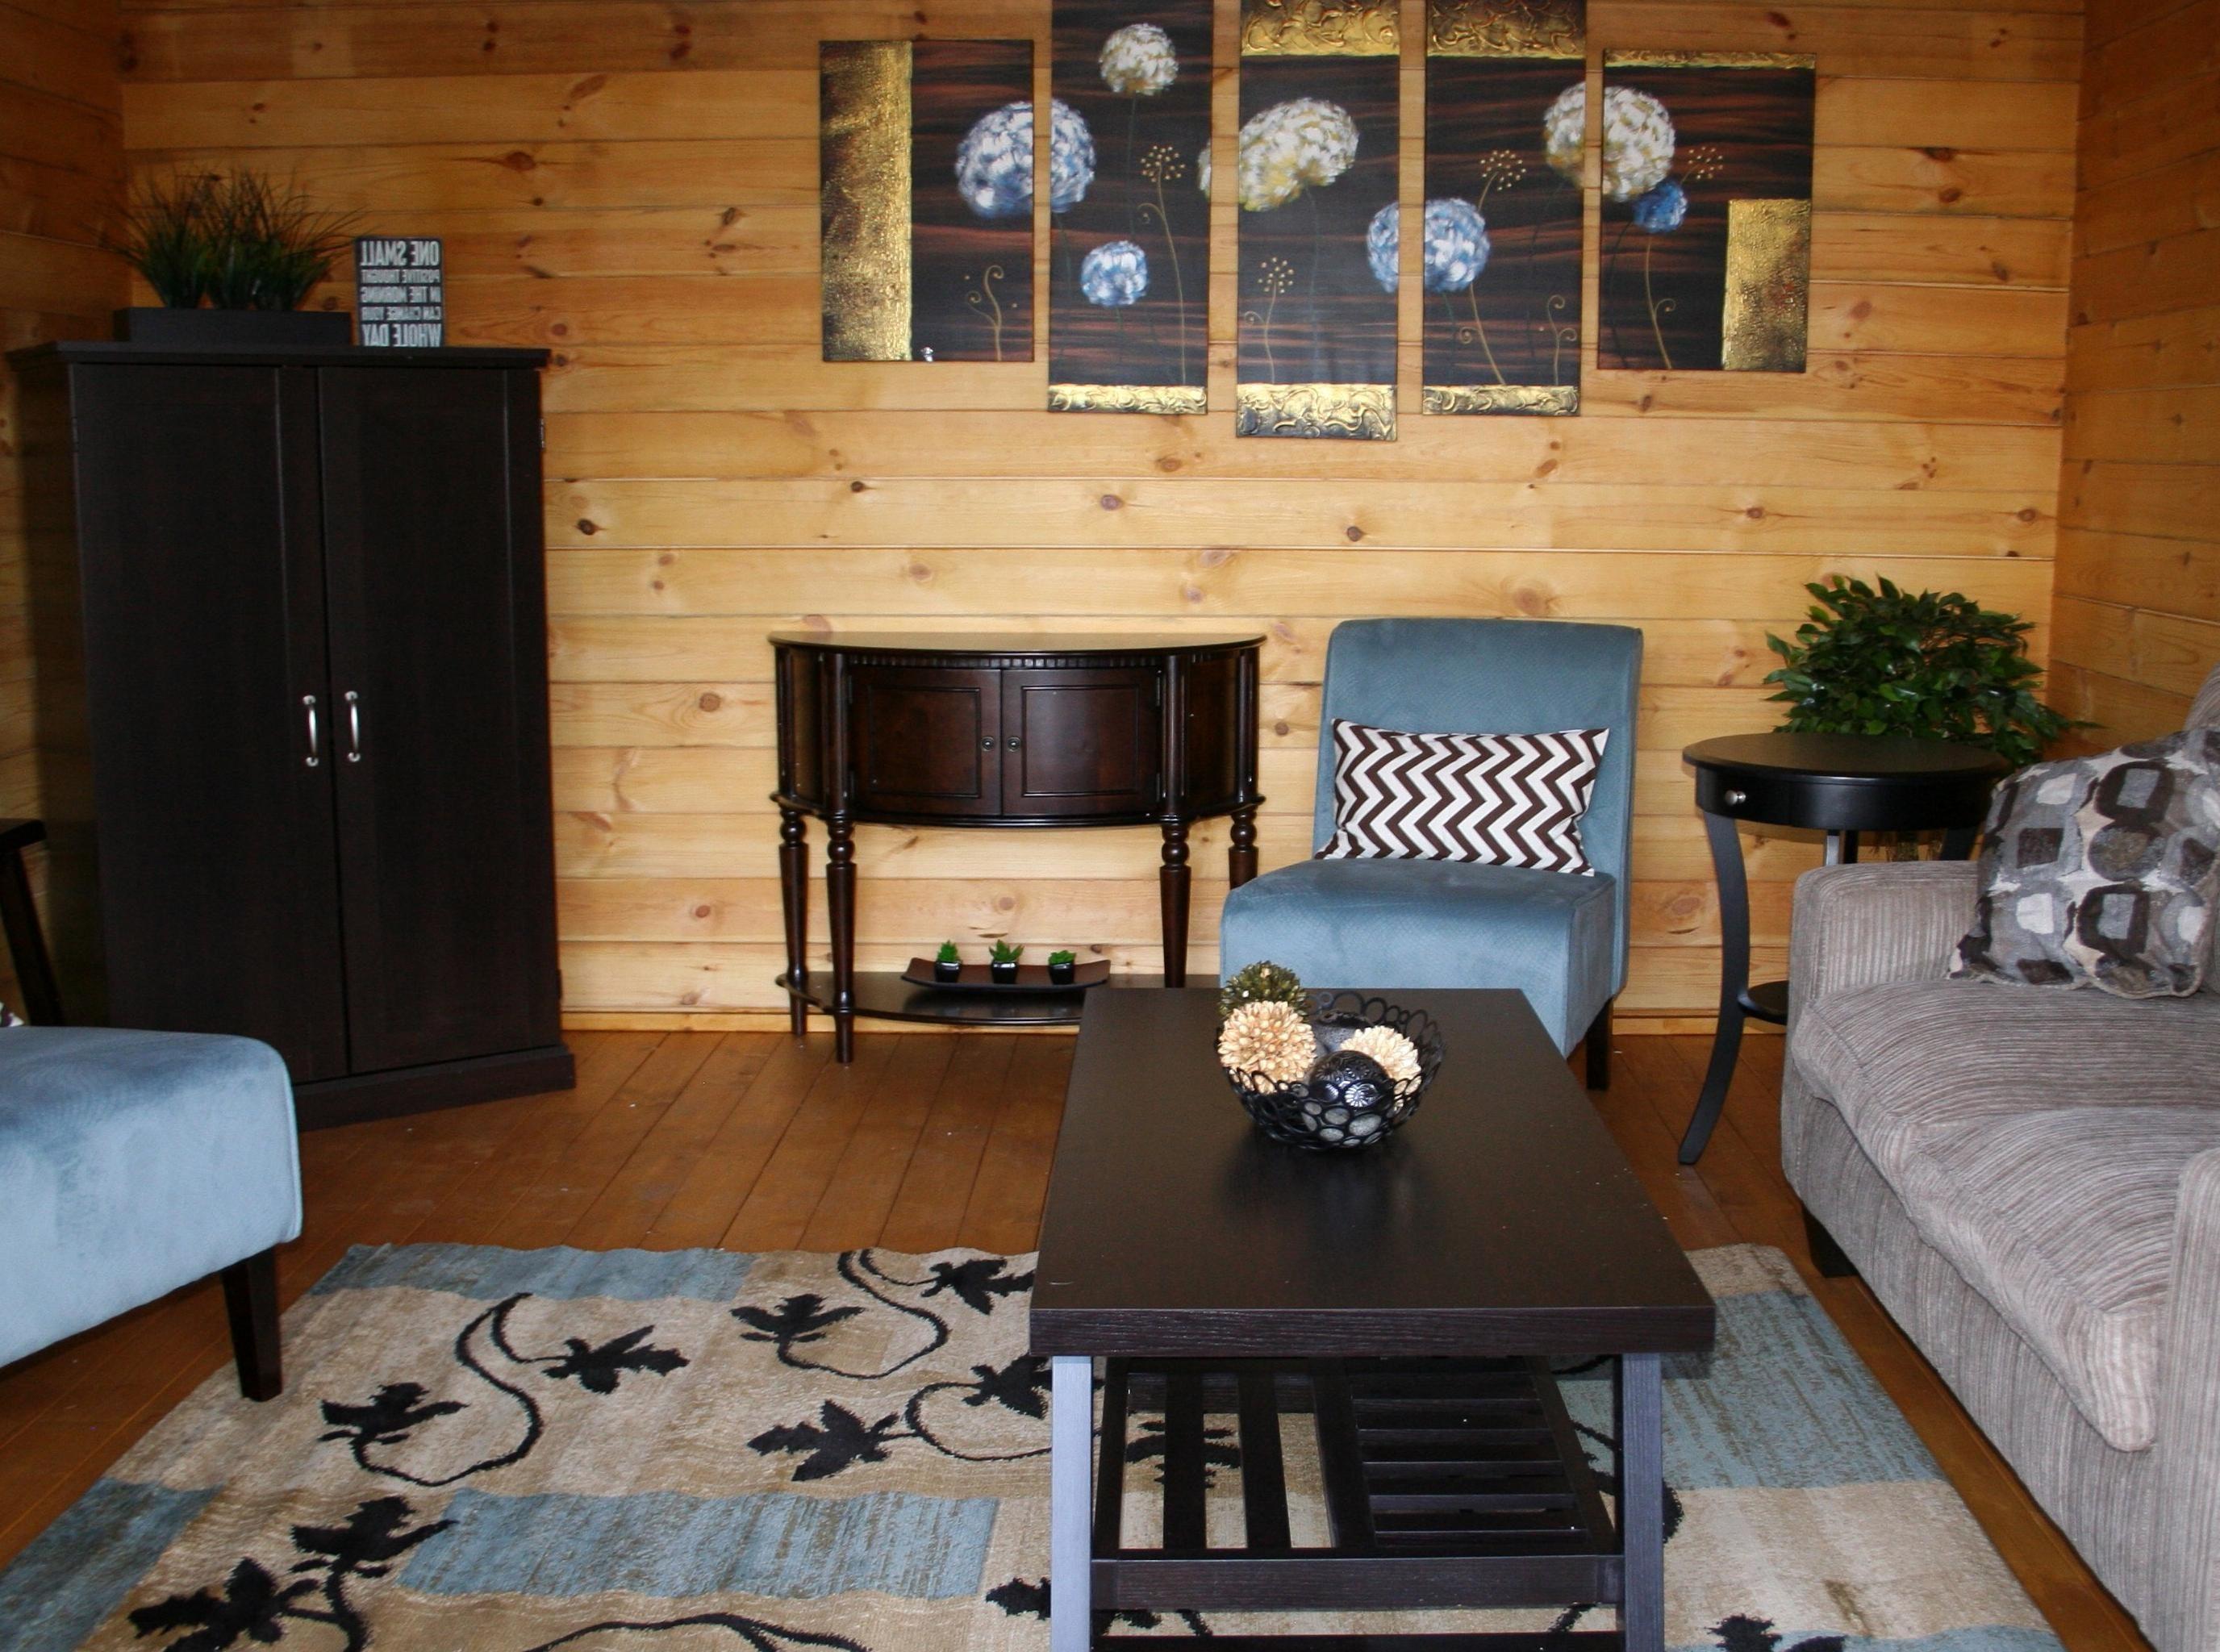 kostenlose bild m bel raum hause innenr umen haus tisch stuhl sofa. Black Bedroom Furniture Sets. Home Design Ideas